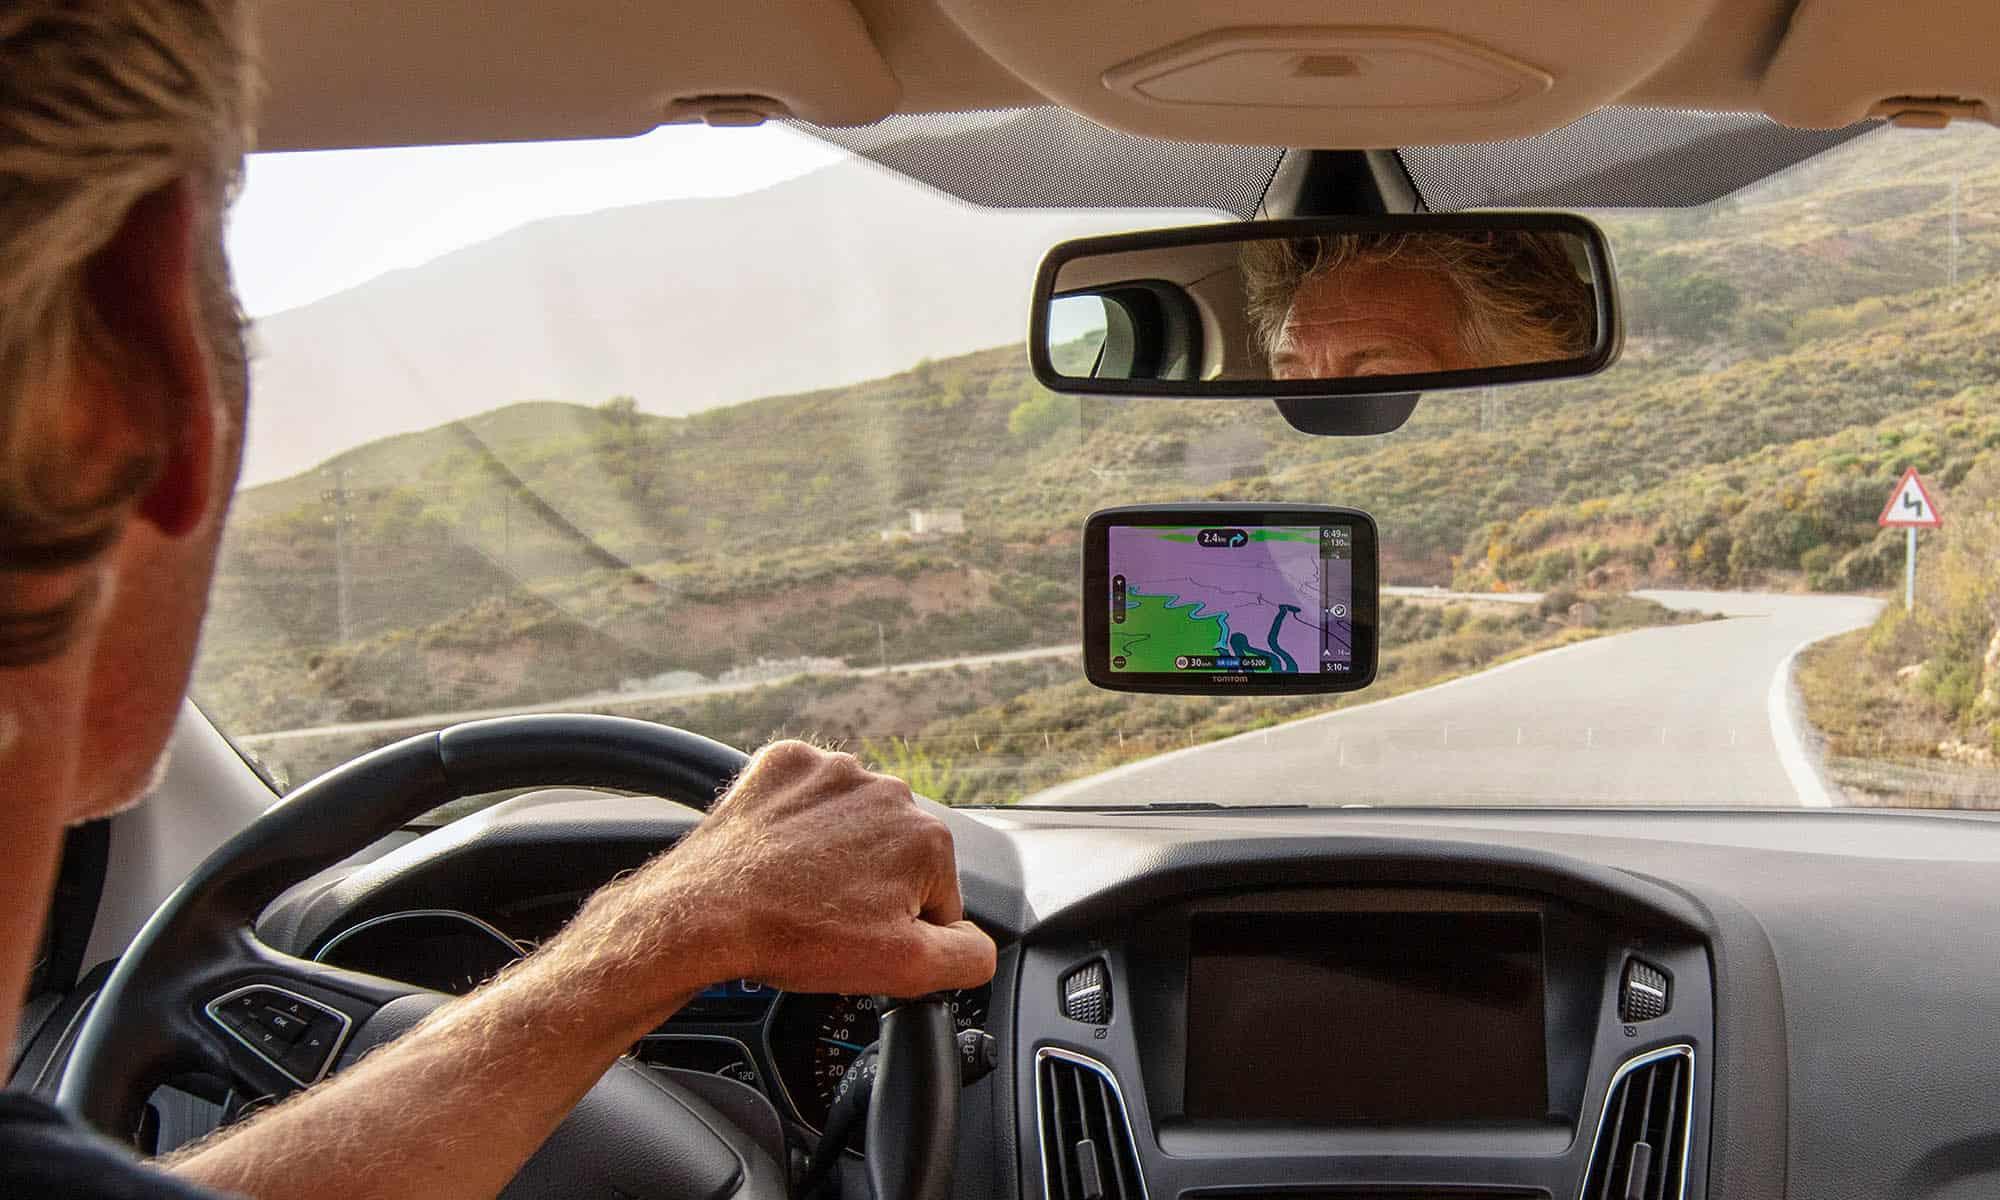 Tomtom student deals driving navigation